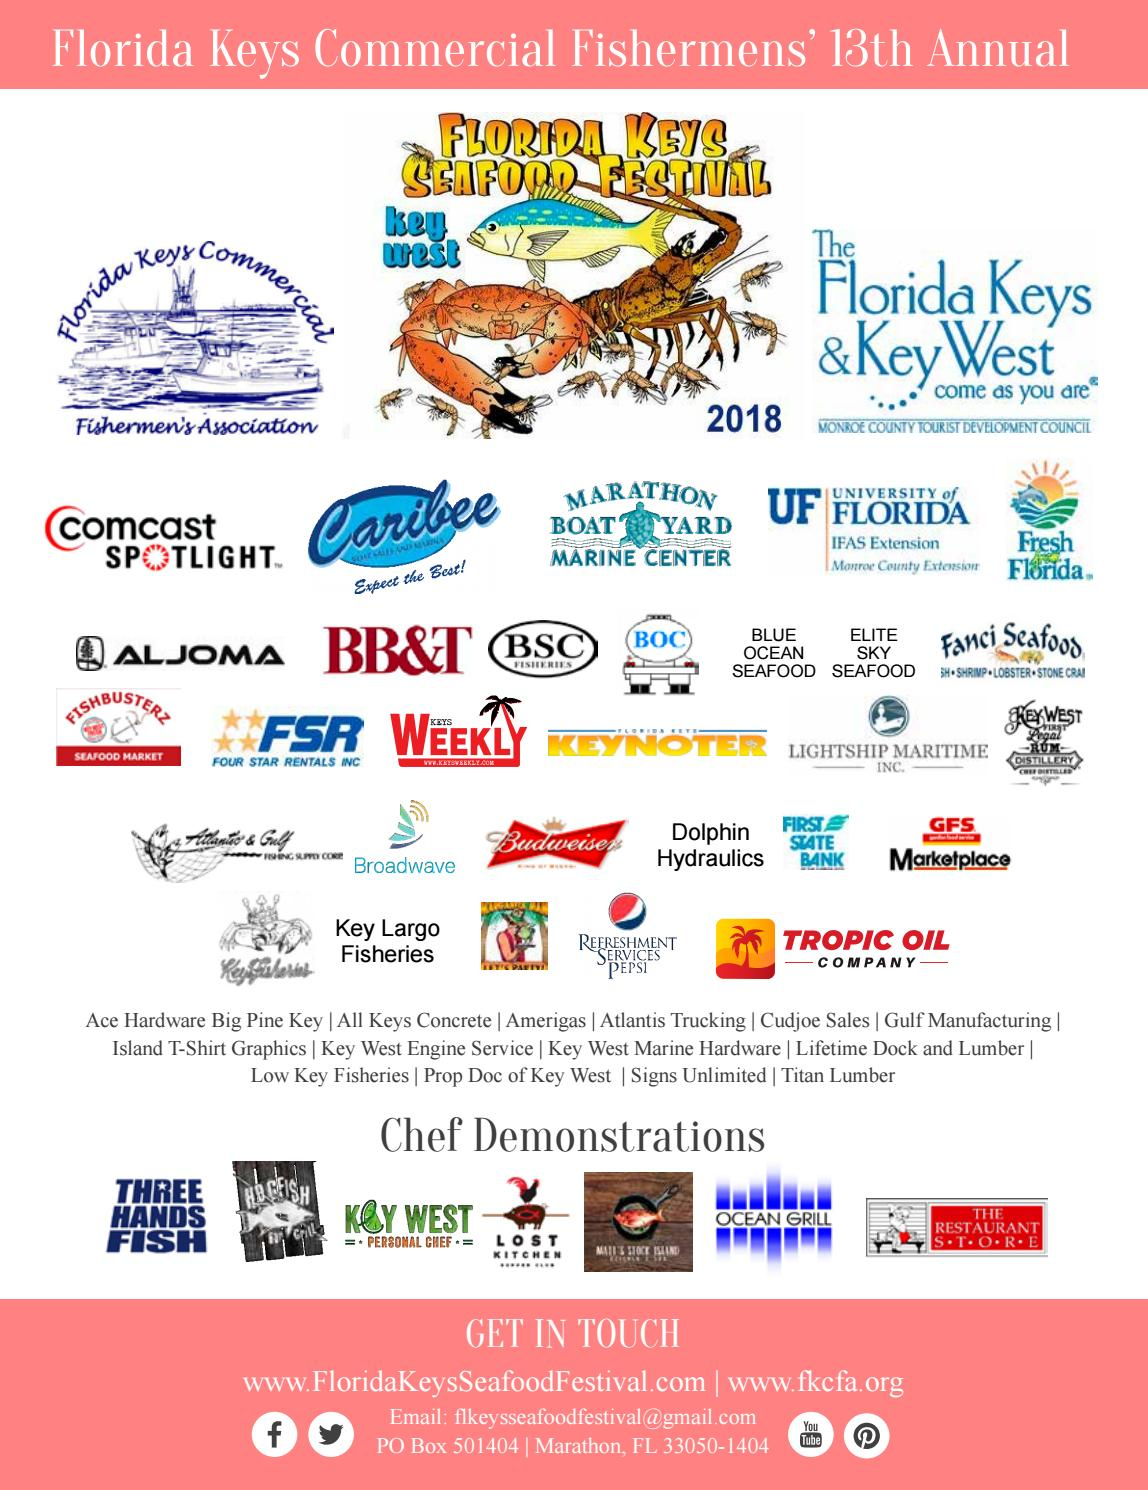 Kw seafood 2018 by Keys Weekly Newspapers - issuu